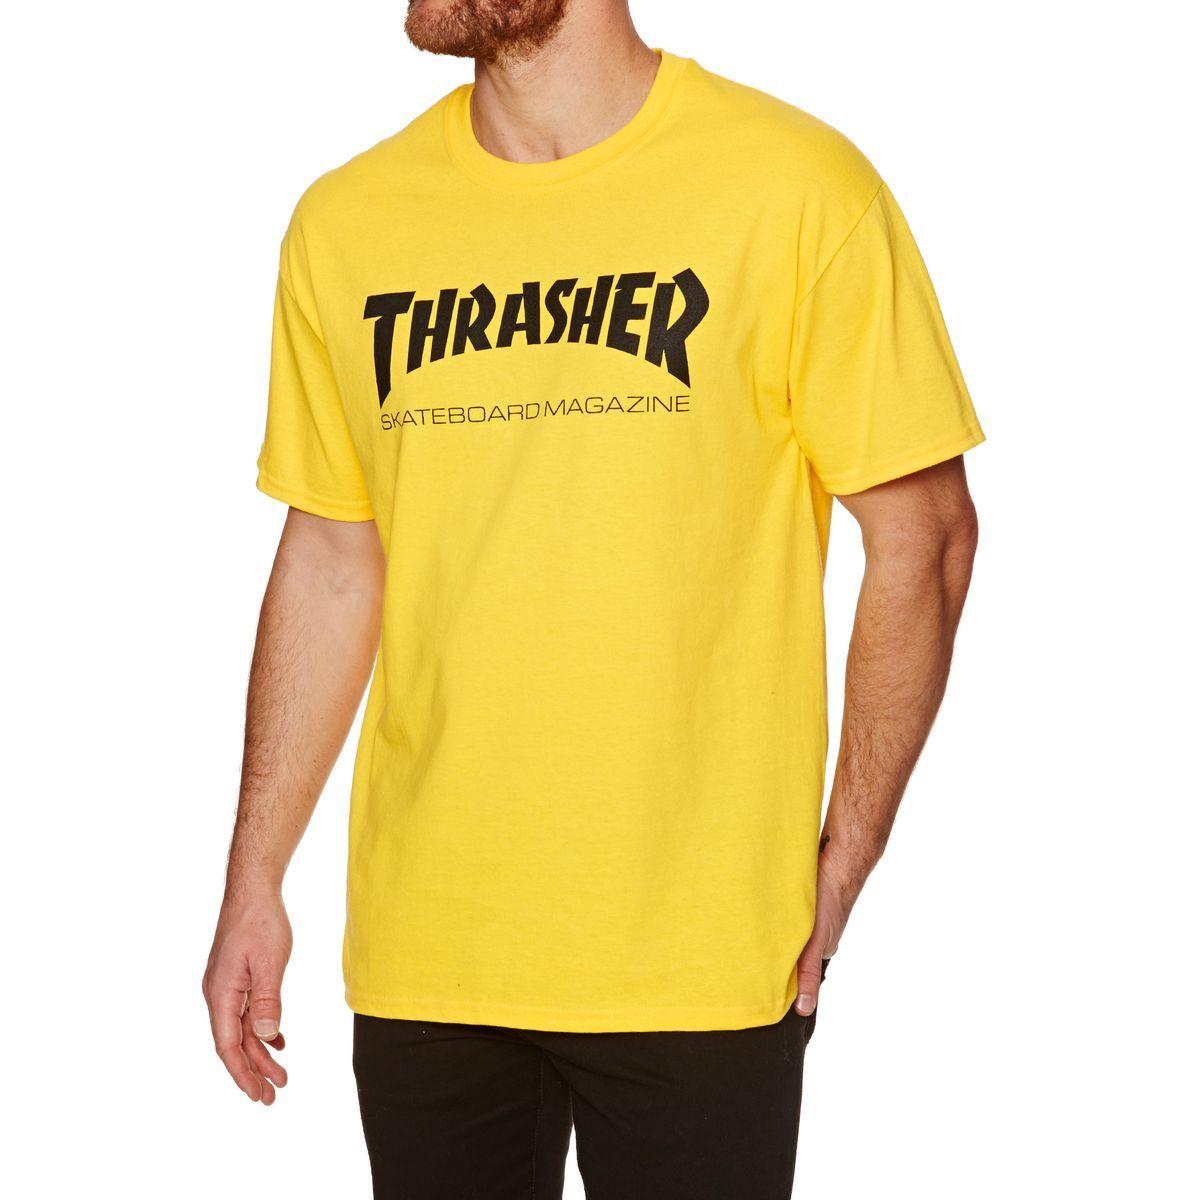 7856f21d1d18 Thrasher Skate Mag Short Sleeve T-Shirt in 2019 | Extra | Thrasher ...